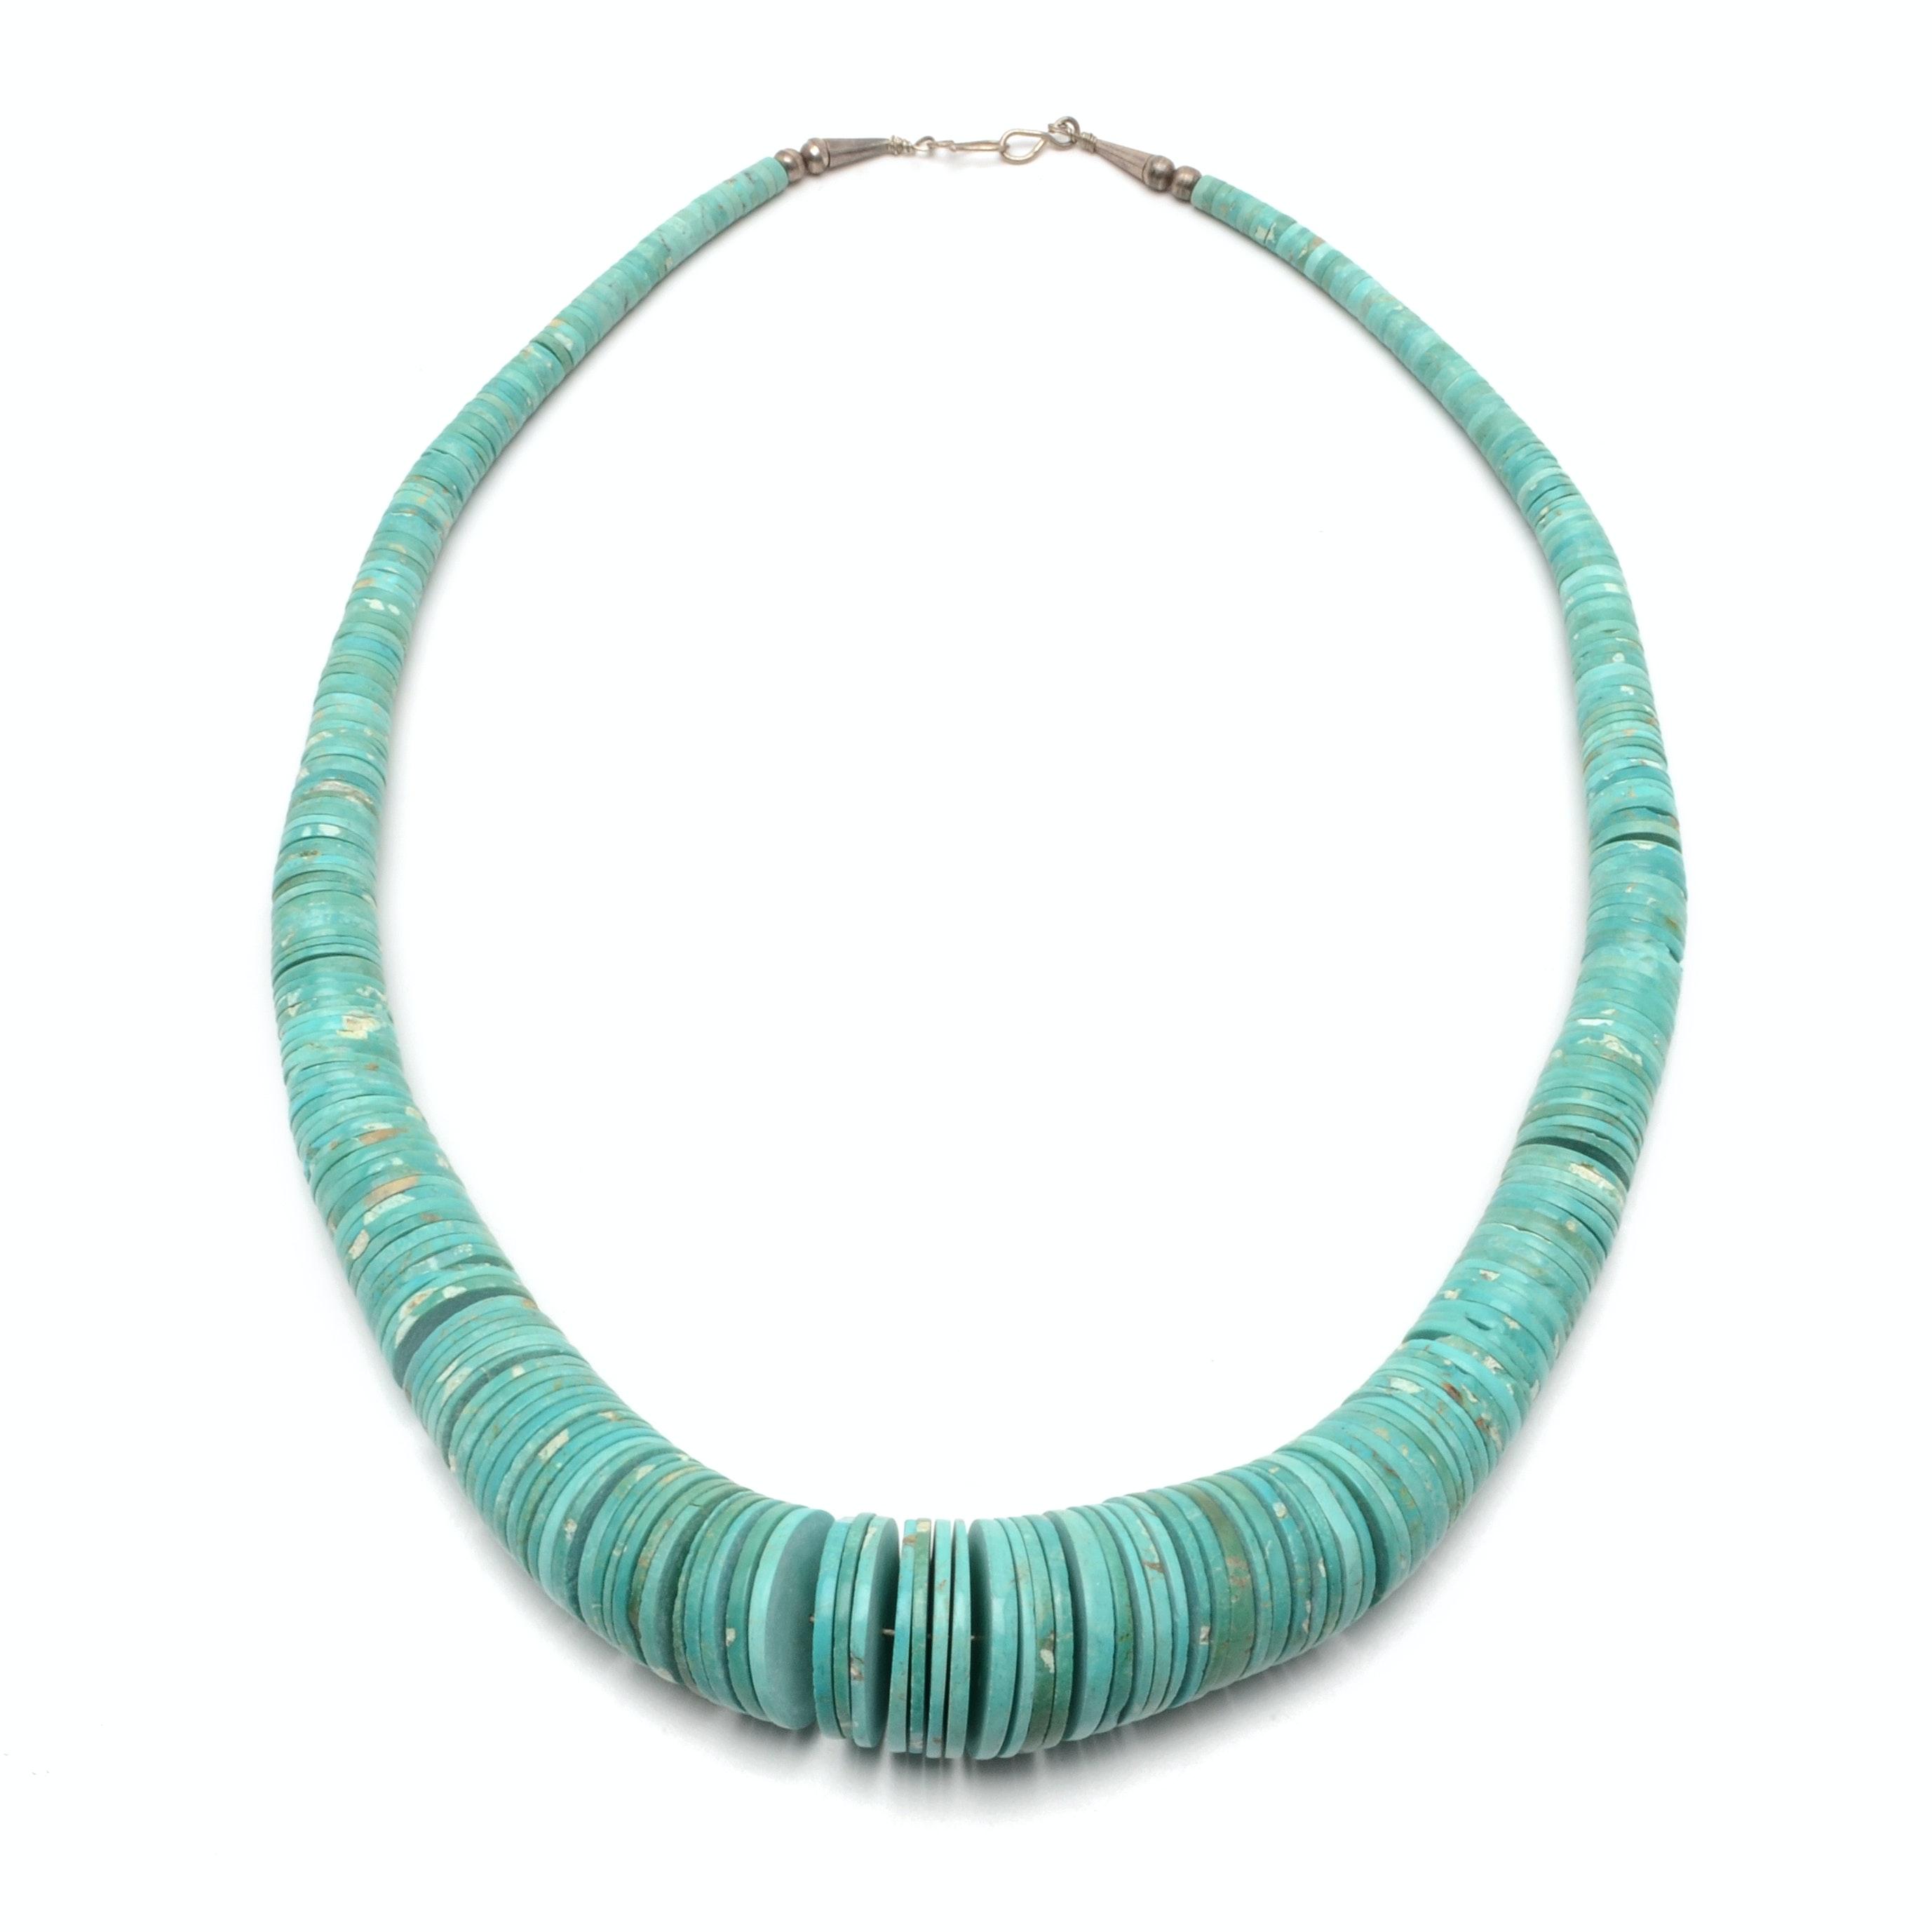 Vintage Southwestern Style Heishi Turquoise Disc Necklace